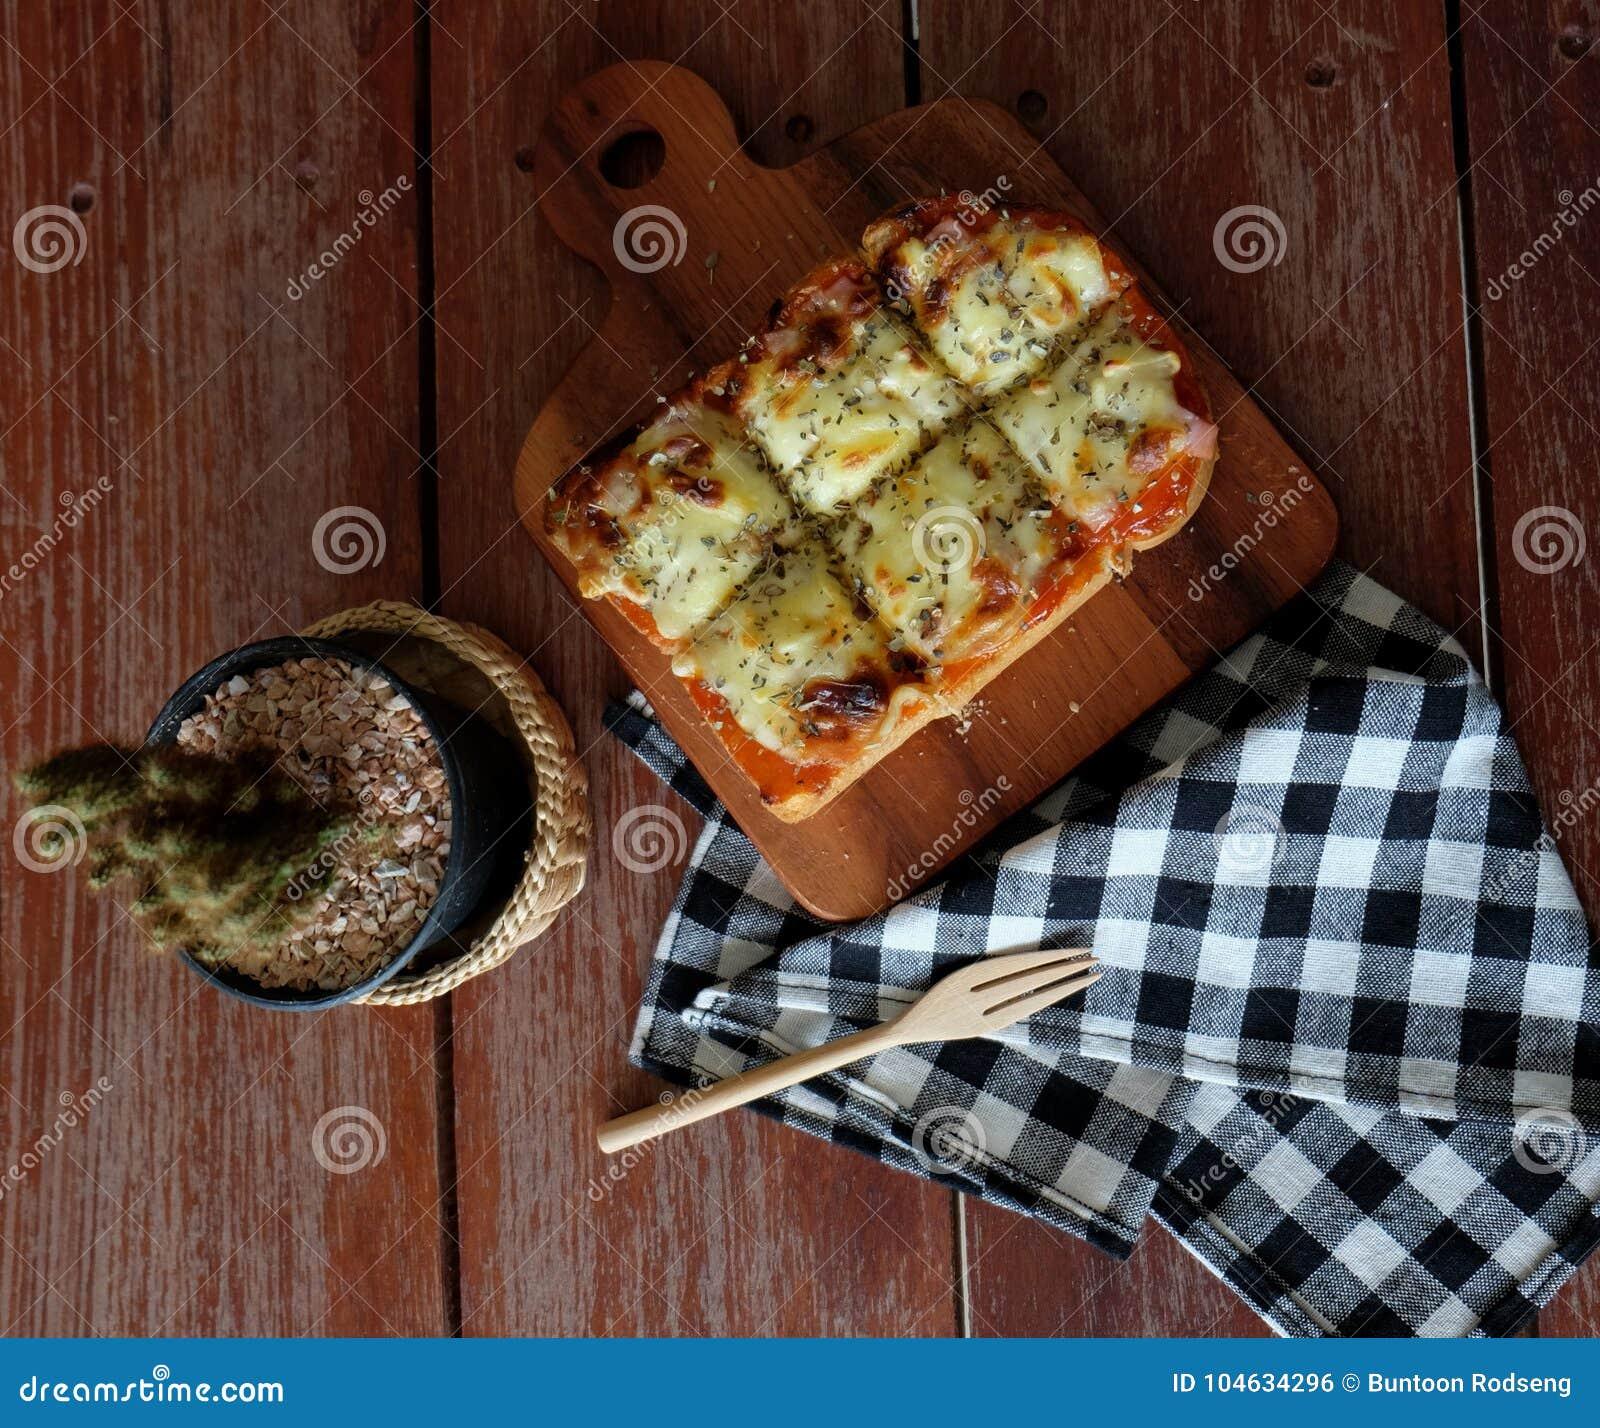 Download Pizza Geroosterd Brood Met Tomatensaus En Hamkaas Stock Foto - Afbeelding bestaande uit pizza, voedsel: 104634296